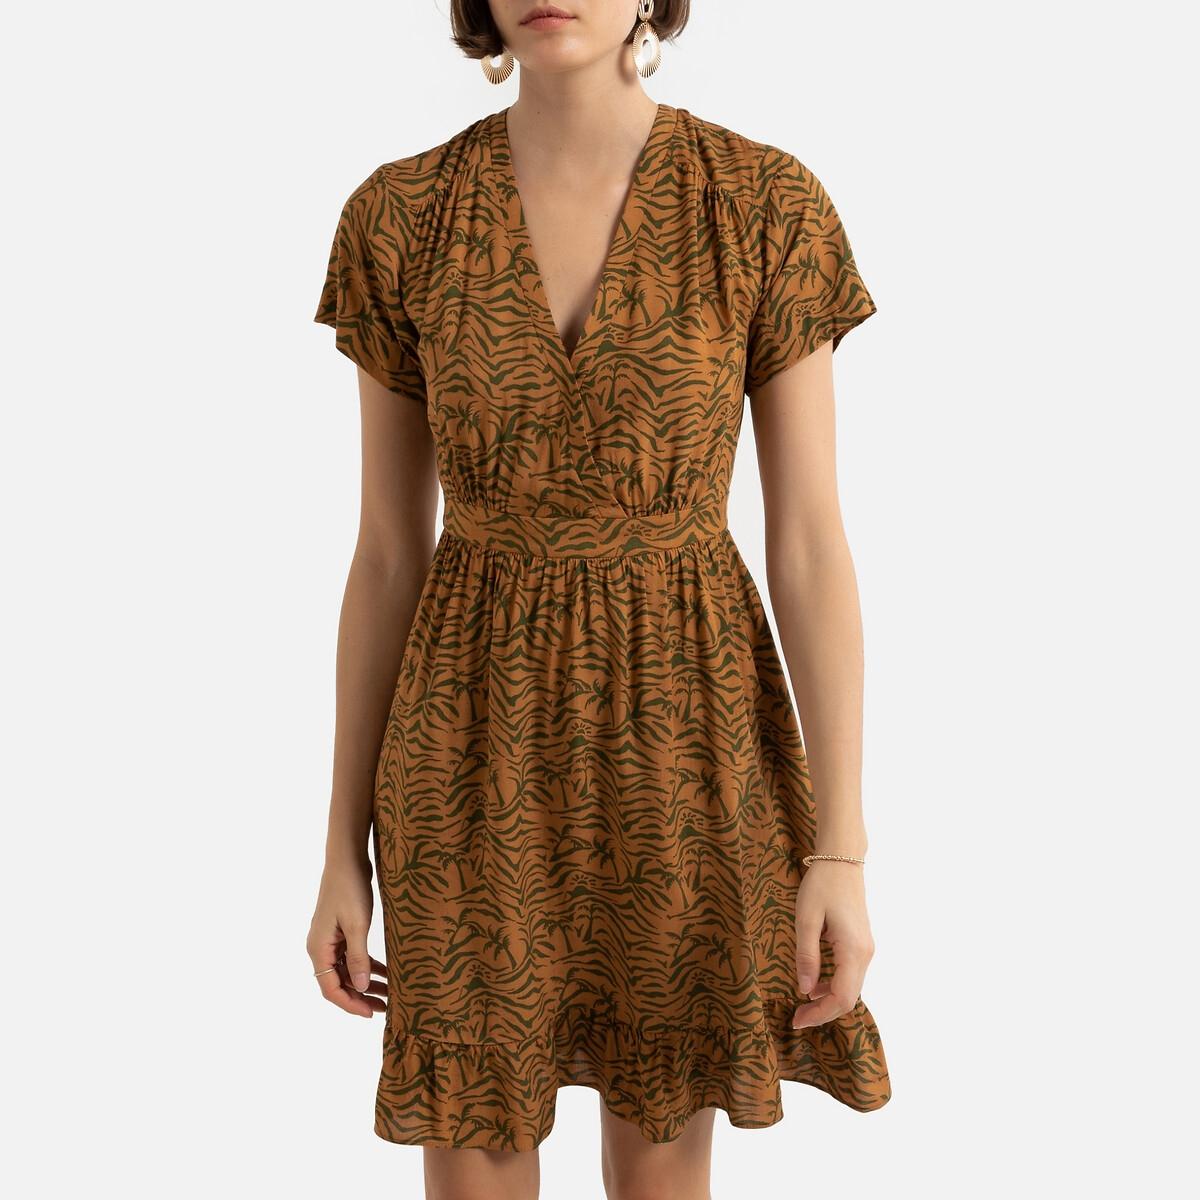 Платье LaRedoute Укороченное с принтом V-образным вырезом короткими рукавами 1(S) каштановый